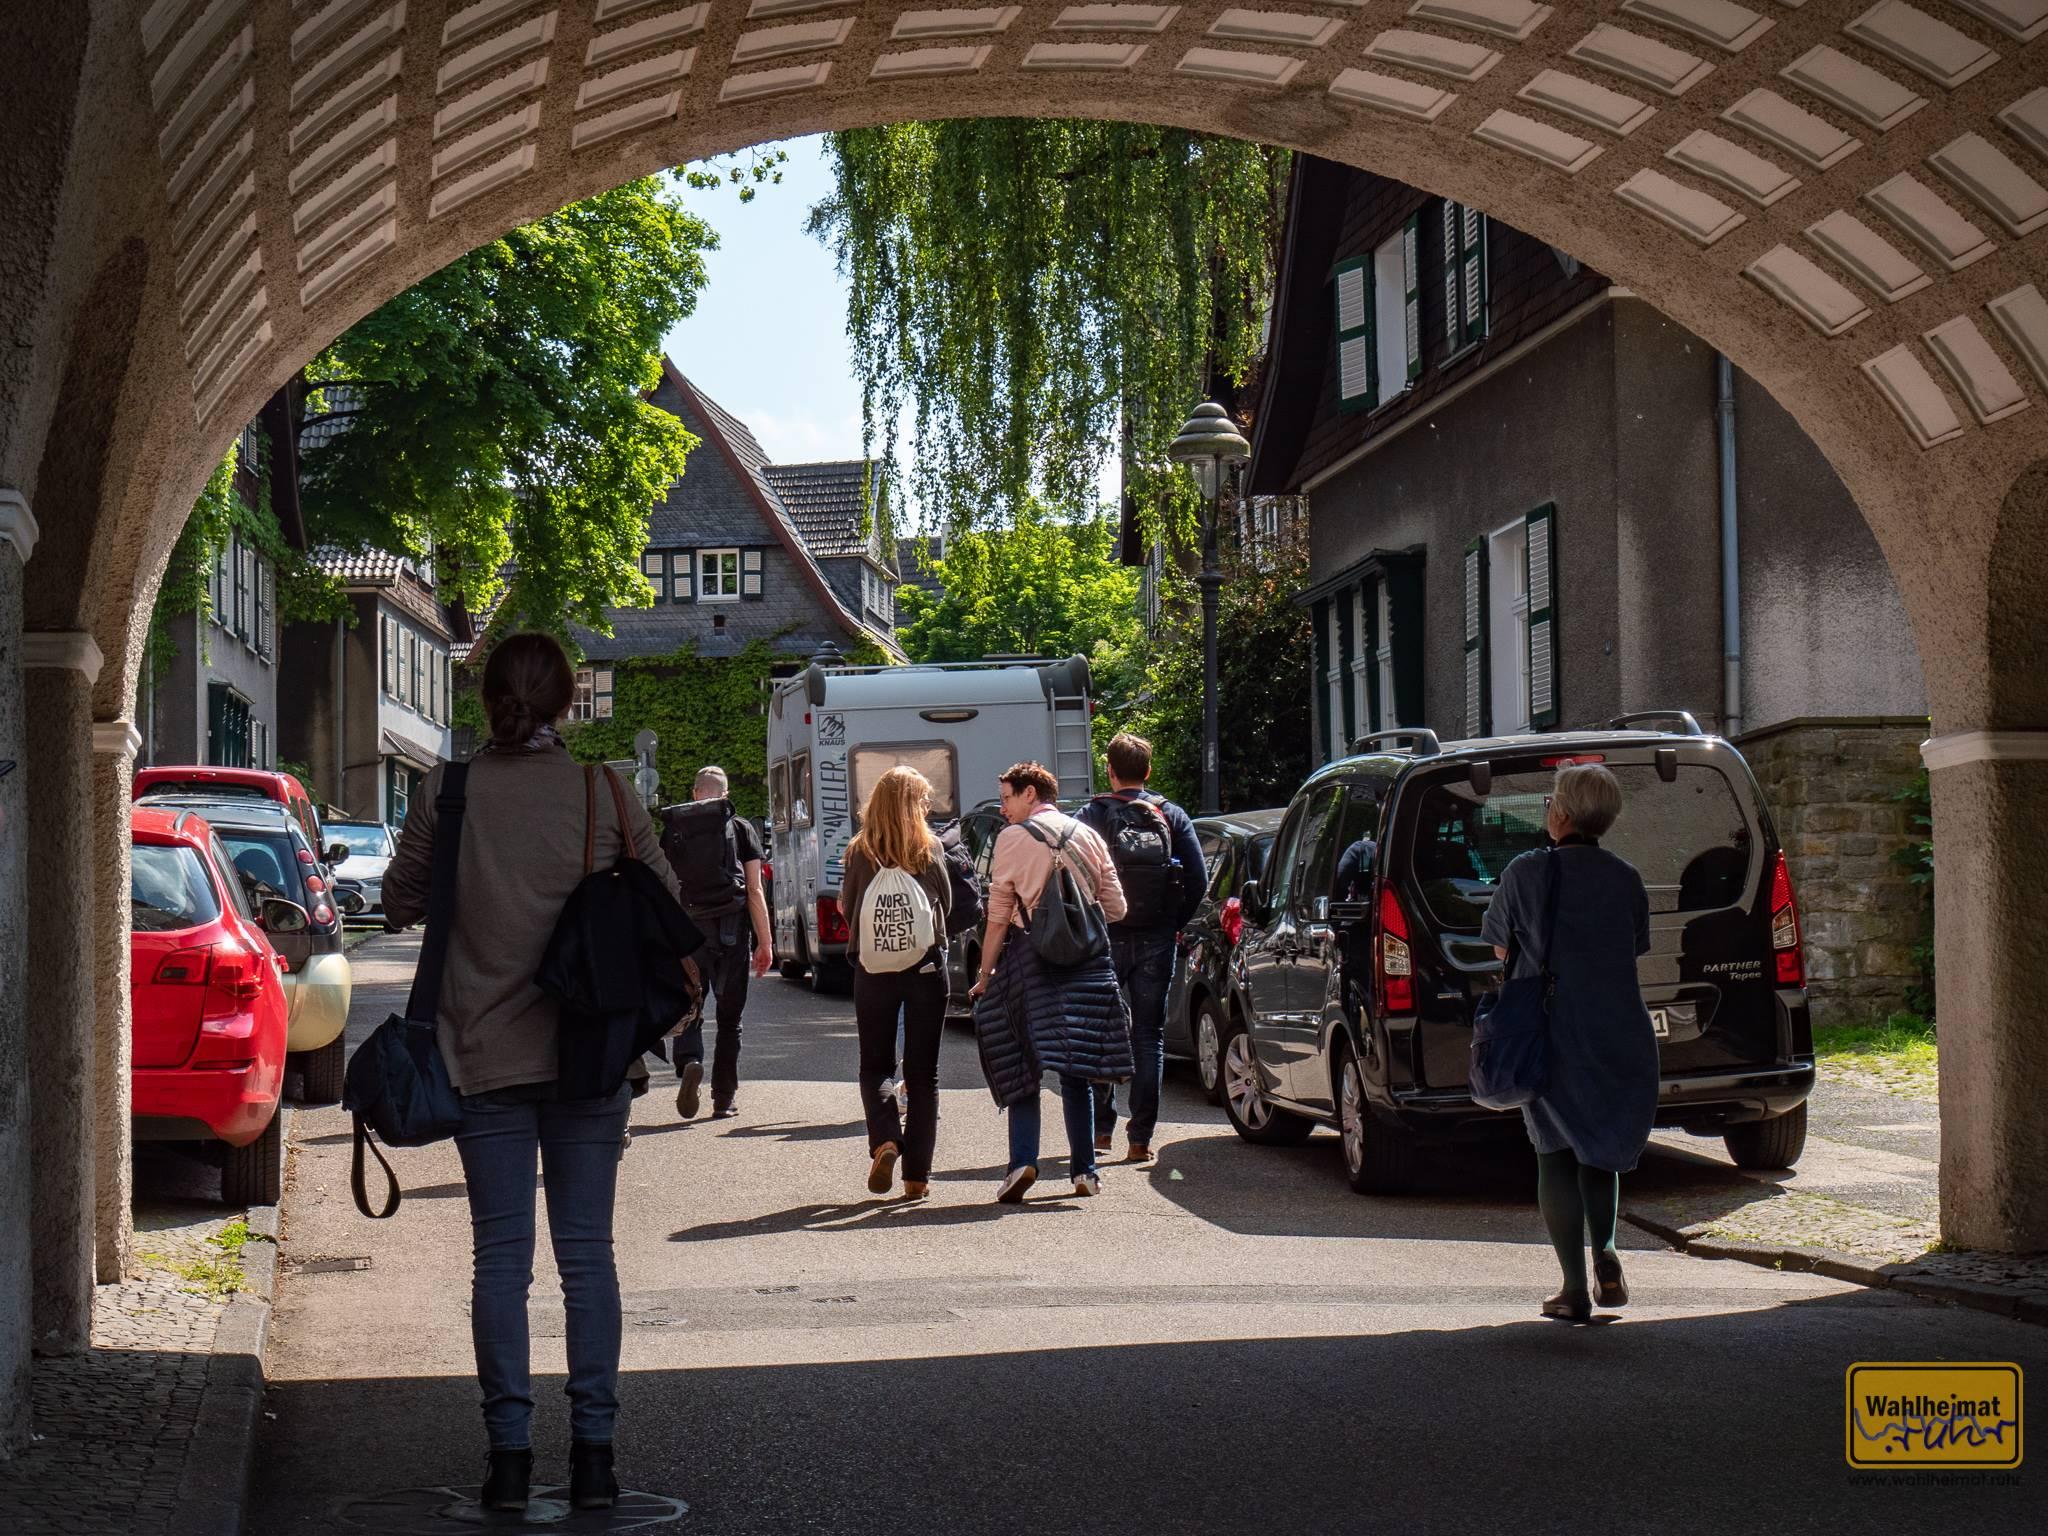 Wer hätte gedacht, dass auch in Nordrhein-Westfalen soviel Bauhaus entdeckt werden kann?